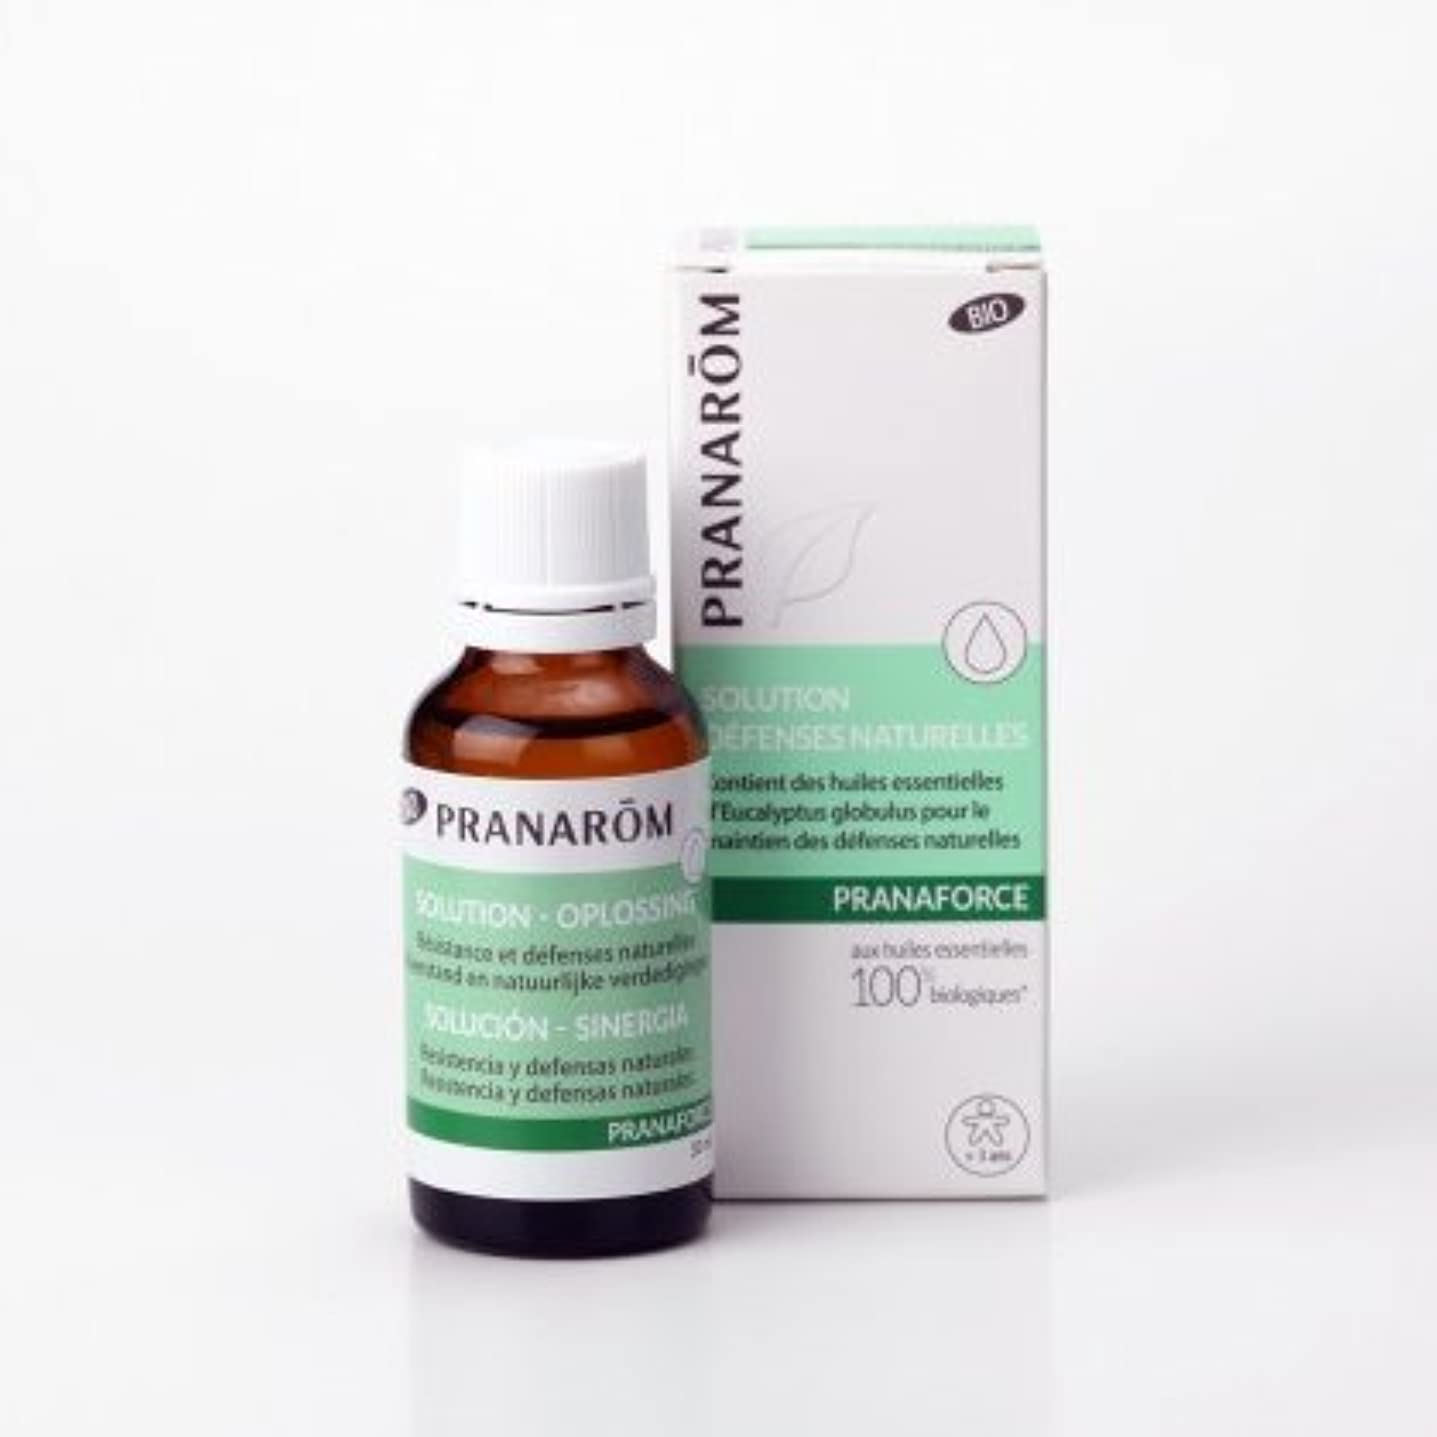 認可分析的パトワメディカルアロマのプラナロムが作った実践的ブレンド精油 プラナフォースローション